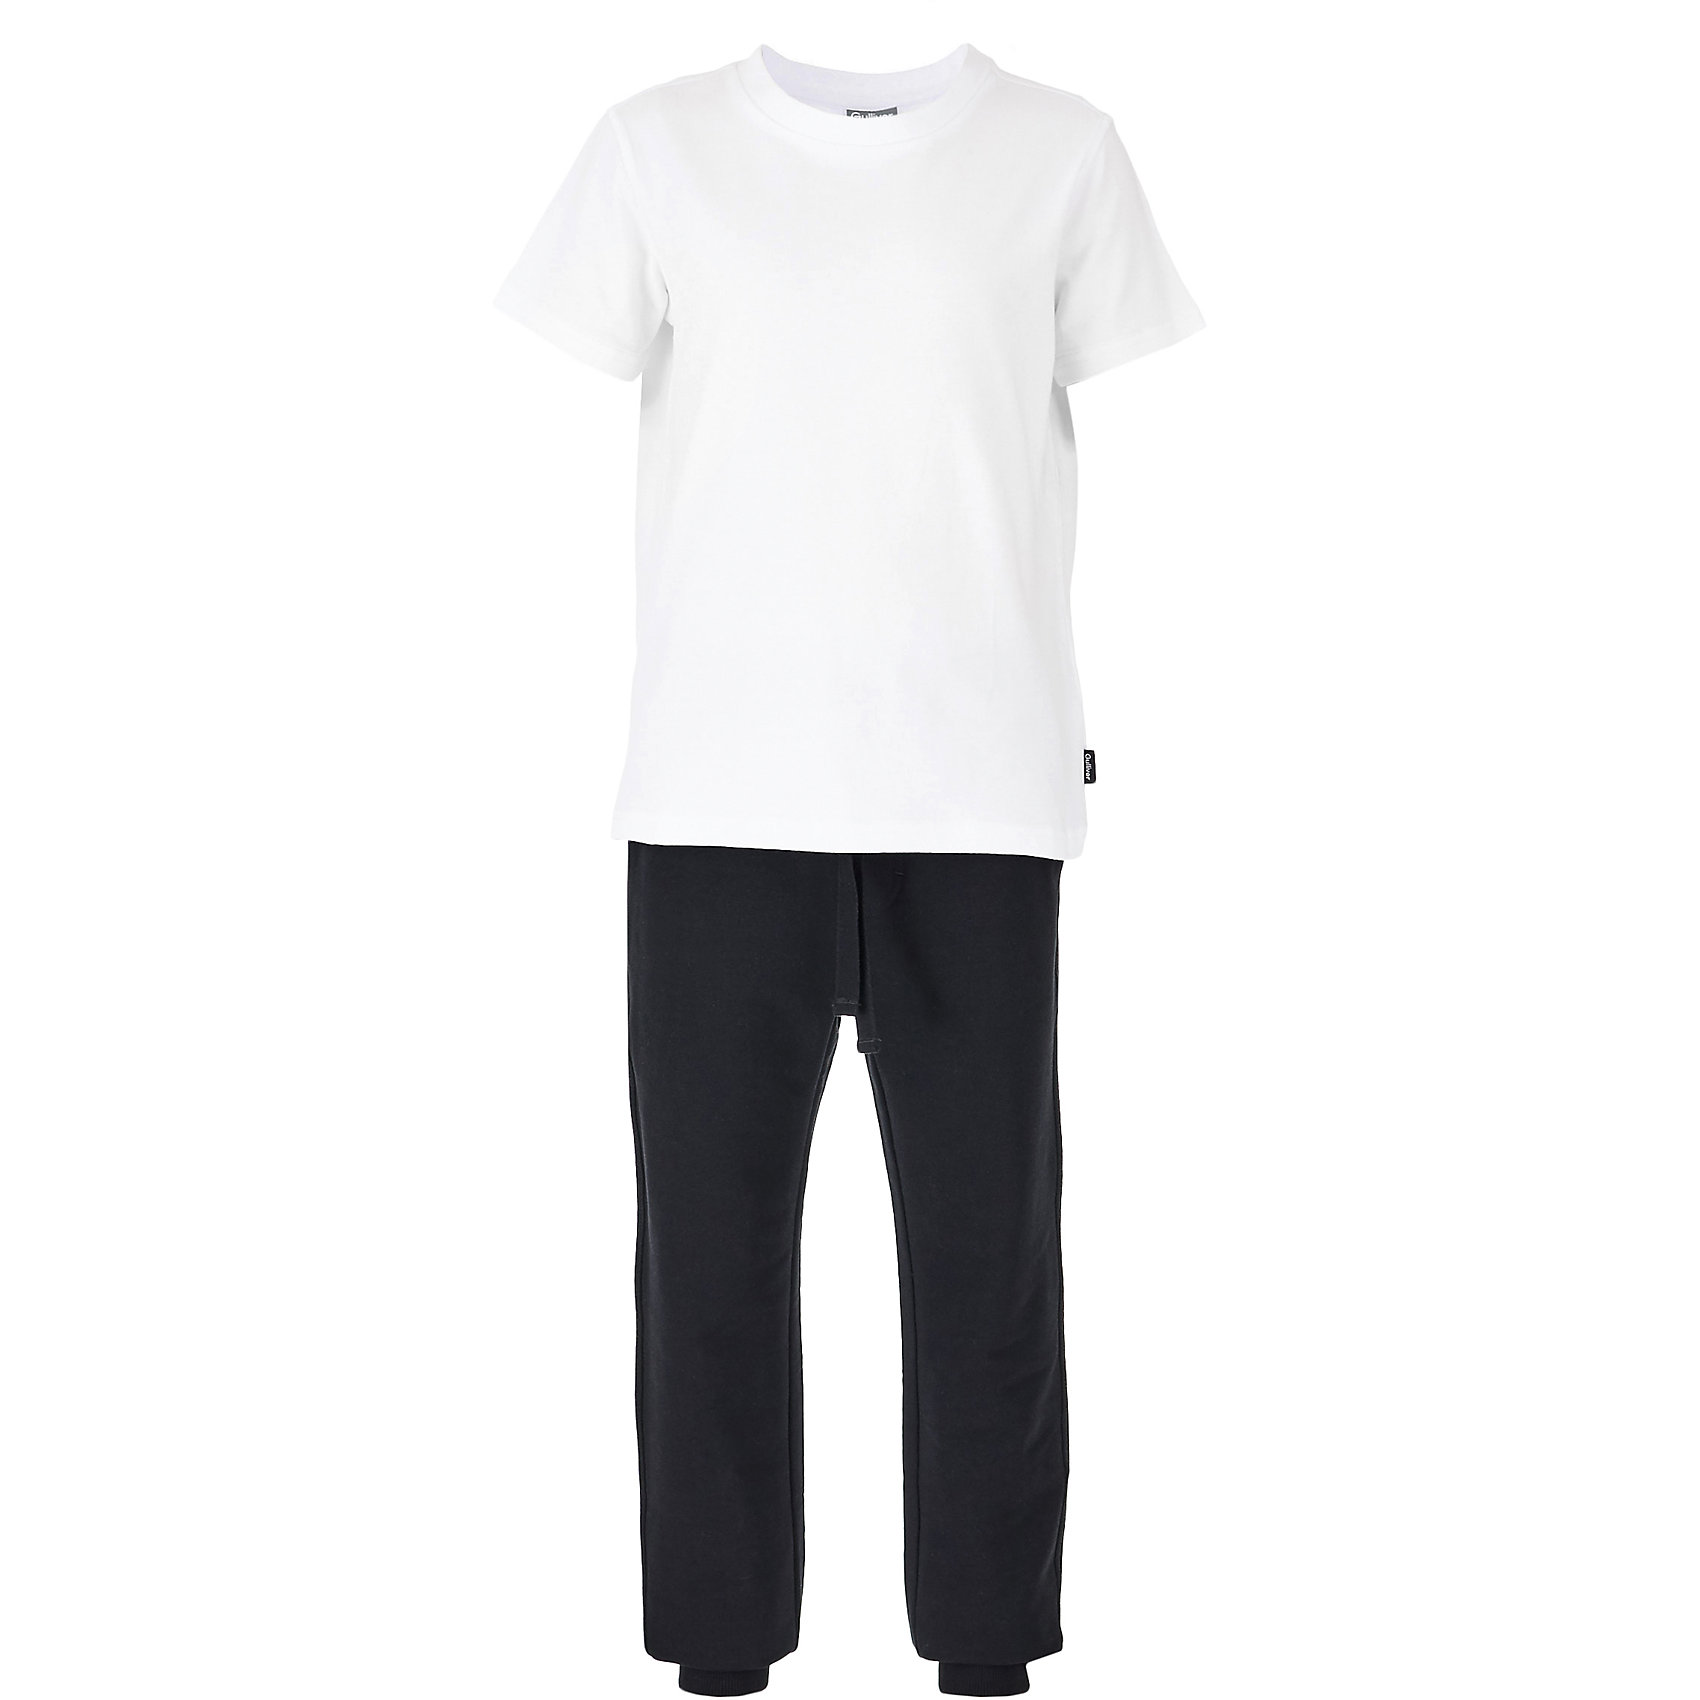 Комплект: футболка, брюки и мешок для мальчика GulliverКомплекты<br>Характеристики товара:<br><br>• цвет: белый, черный<br>• футболка: 95% хлопок, 5% эластан<br>• брюки: 95% хлопок, 5% эластан<br>• мешочек: 100% хлопок<br>• сезон: круглый год<br>• брюки на резинке<br>• дополнительный шнурок-завязка<br>• два прорезных кармана <br>• футболка однотонная<br>• особенности: для занятий физкультурой/спортом<br>• страна бренда: Российская Федерация<br>• страна производства: Российская Федерация<br><br>Школьная спортивная форма состоит из футболки и брюк. Брюки на резинке с дополнительным шнурком-завязкой. Внизу брюк эластичные манжеты. Однотонная футболка белого цвета. В комплекте мешочек, куда можно складывать форму.<br><br>Комплект: футболка, брюки и мешок для мальчика Gulliver (Гулливер) можно купить в нашем интернет-магазине.<br><br>Ширина мм: 215<br>Глубина мм: 88<br>Высота мм: 191<br>Вес г: 336<br>Цвет: белый<br>Возраст от месяцев: 144<br>Возраст до месяцев: 156<br>Пол: Мужской<br>Возраст: Детский<br>Размер: 158,122,128,134,140,146,152<br>SKU: 6678526